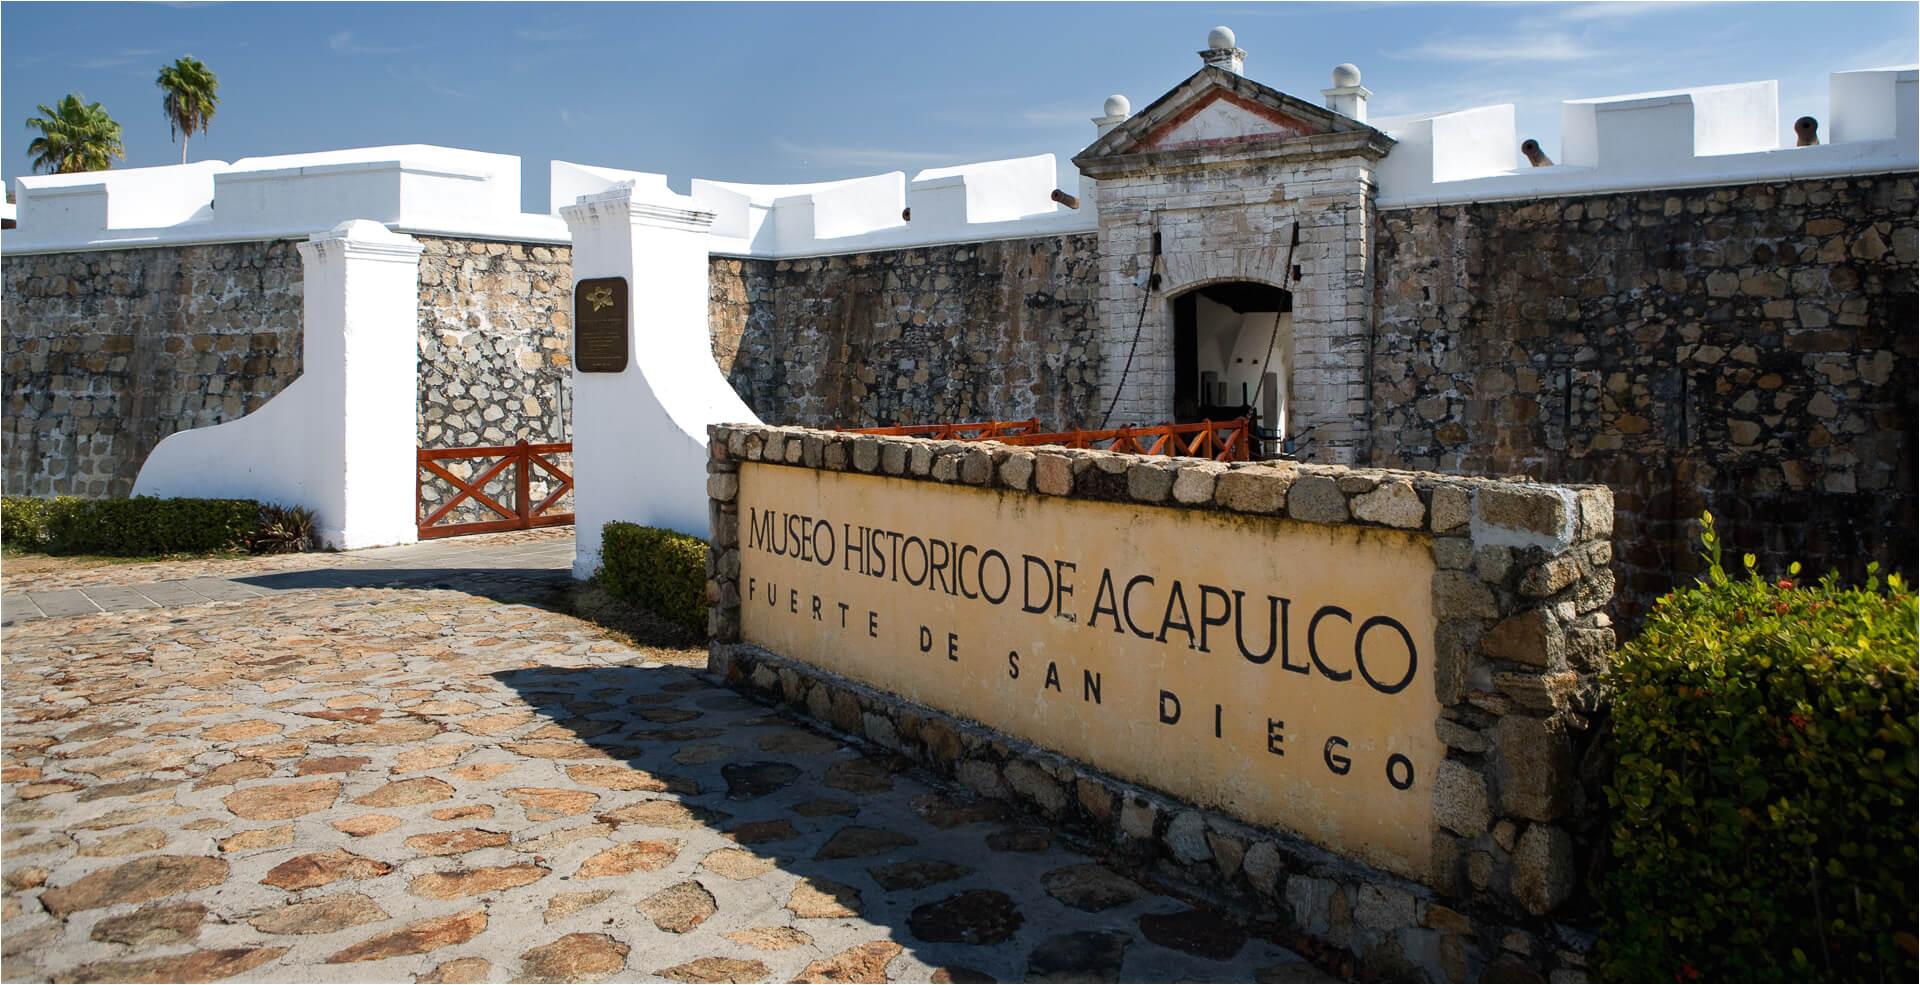 actividades principales guerrero acapulco visita el fuerte de san diego 01 jpg